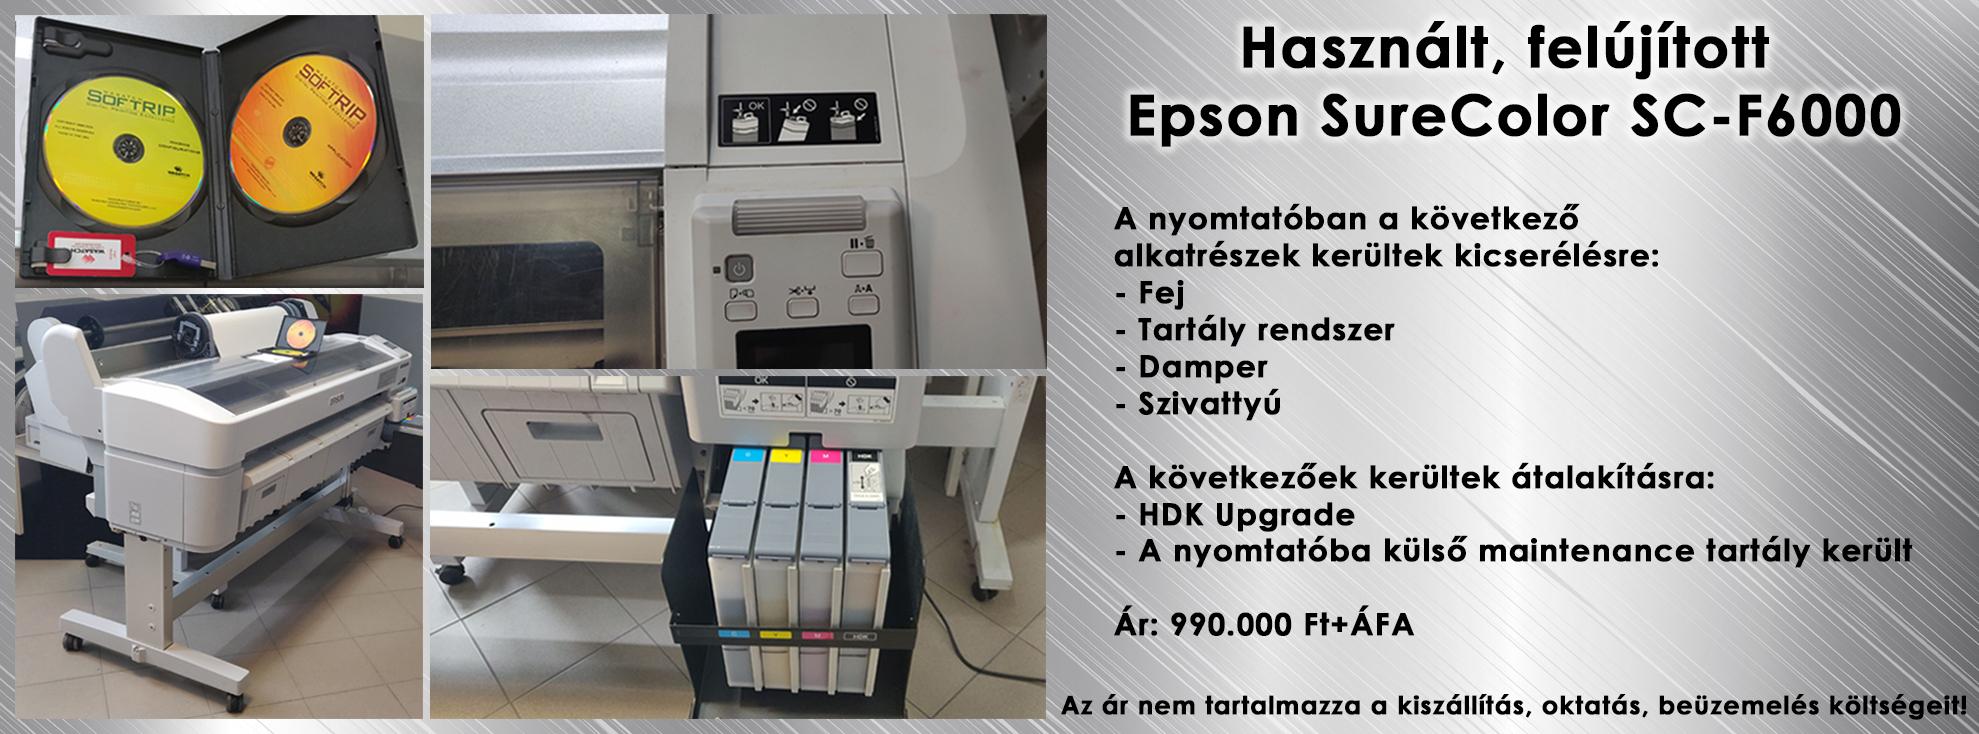 Használt Epson SureColor SC-F6000